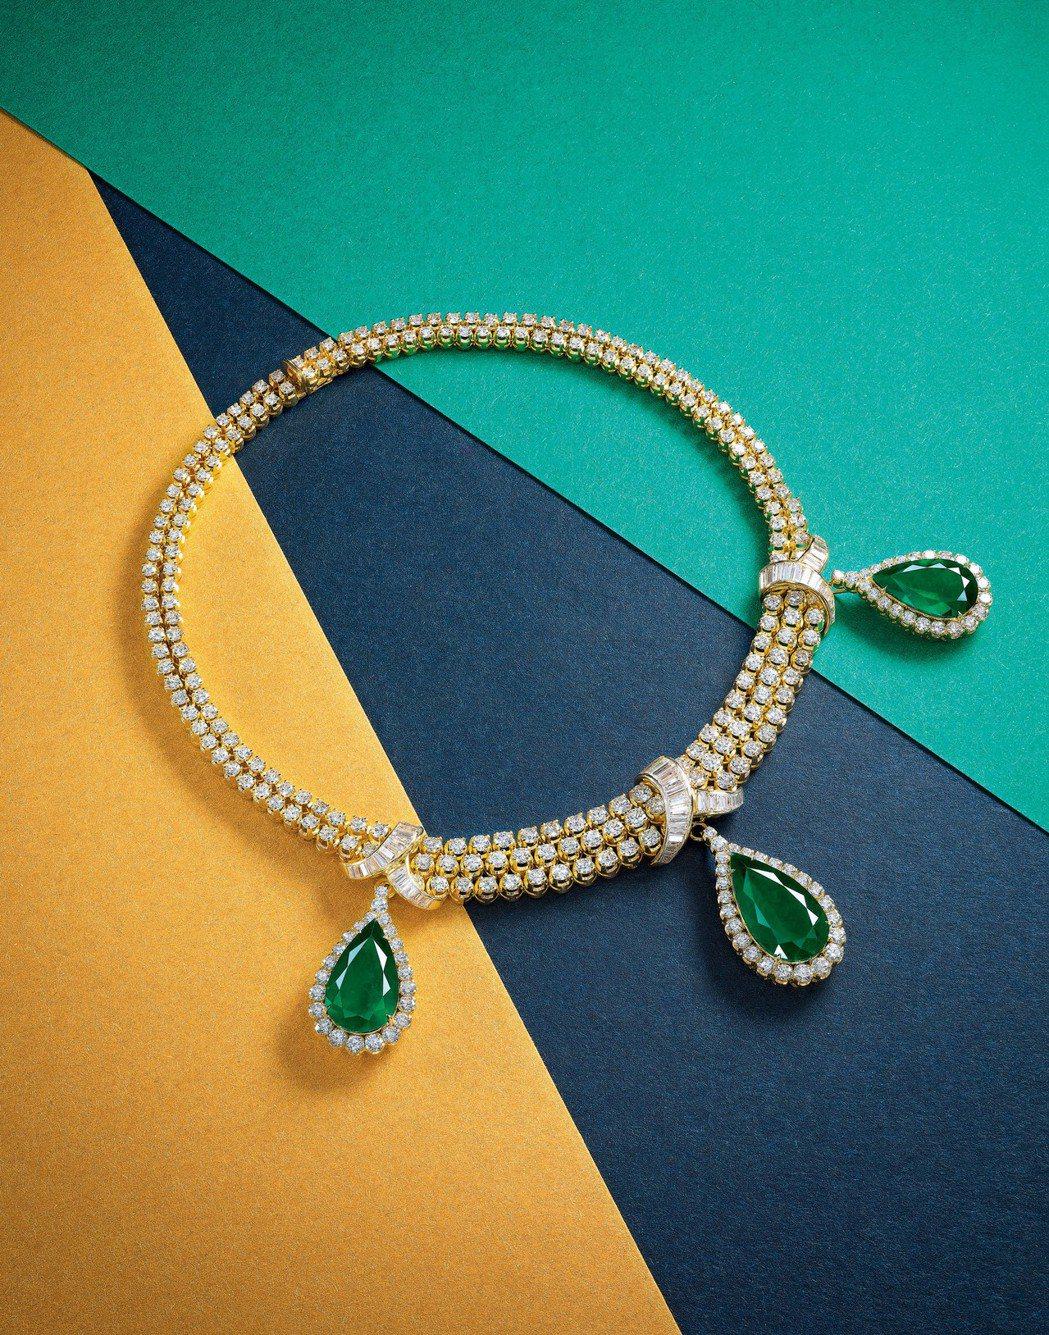 珍罕的總重量33.21克拉天然哥倫比亞,祖母綠配鑽石項鏈,寶詩龍,售價待詢。